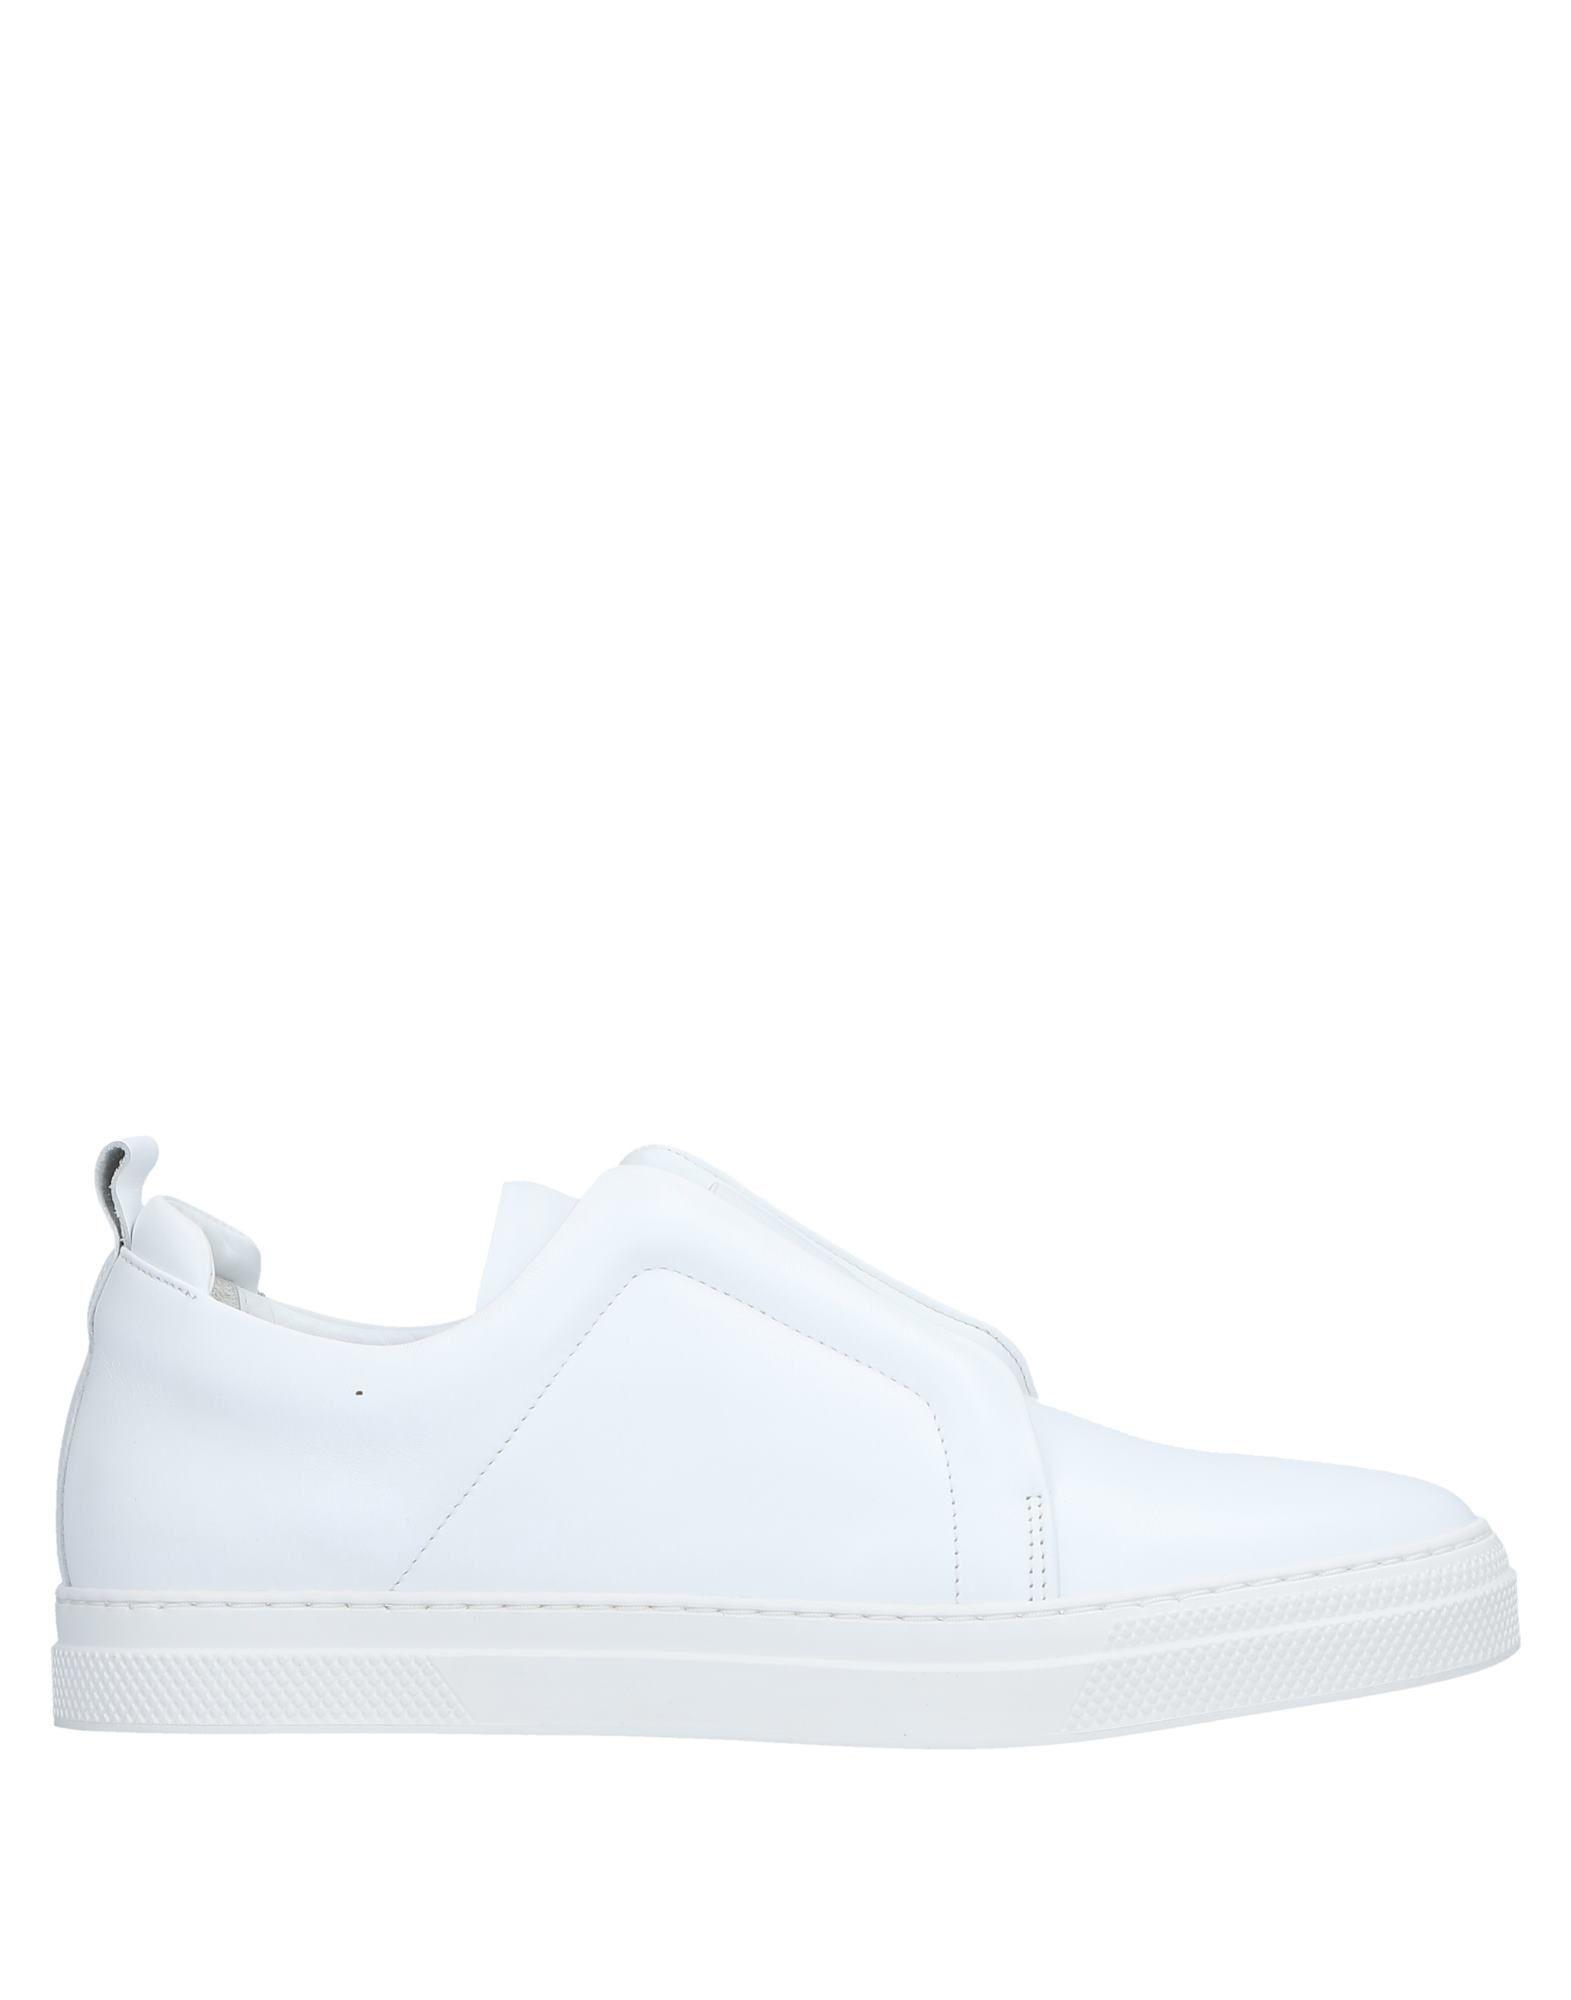 Pierre Hardy Sneakers Herren  11539898PP Gute Qualität beliebte Schuhe